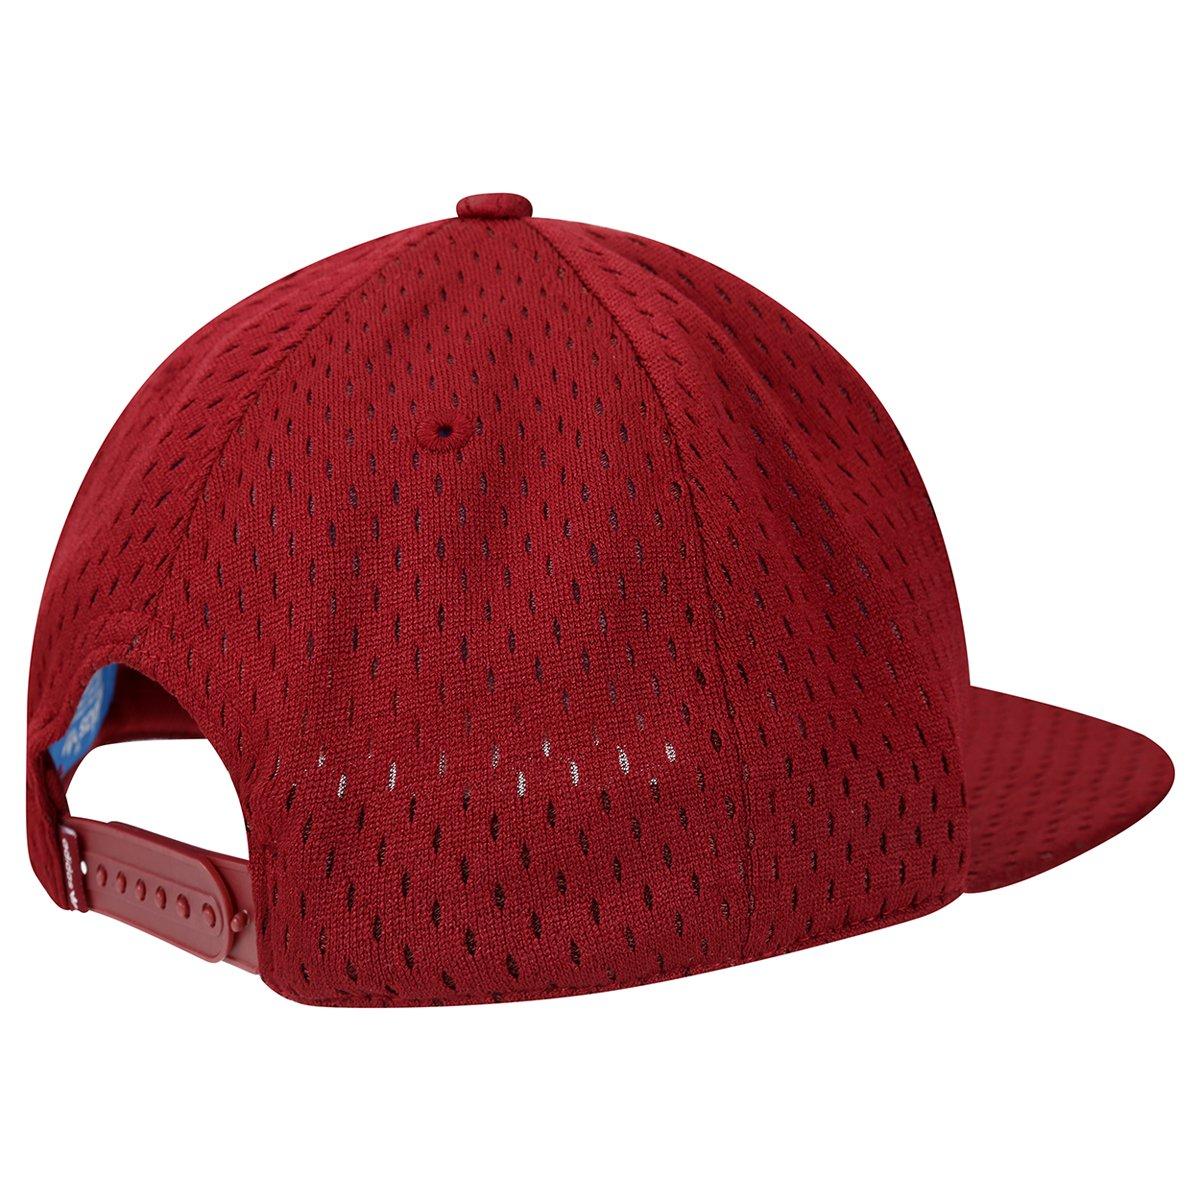 Boné Adidas Originals Fb Cap Mesh - Compre Agora  07db725fb3af8